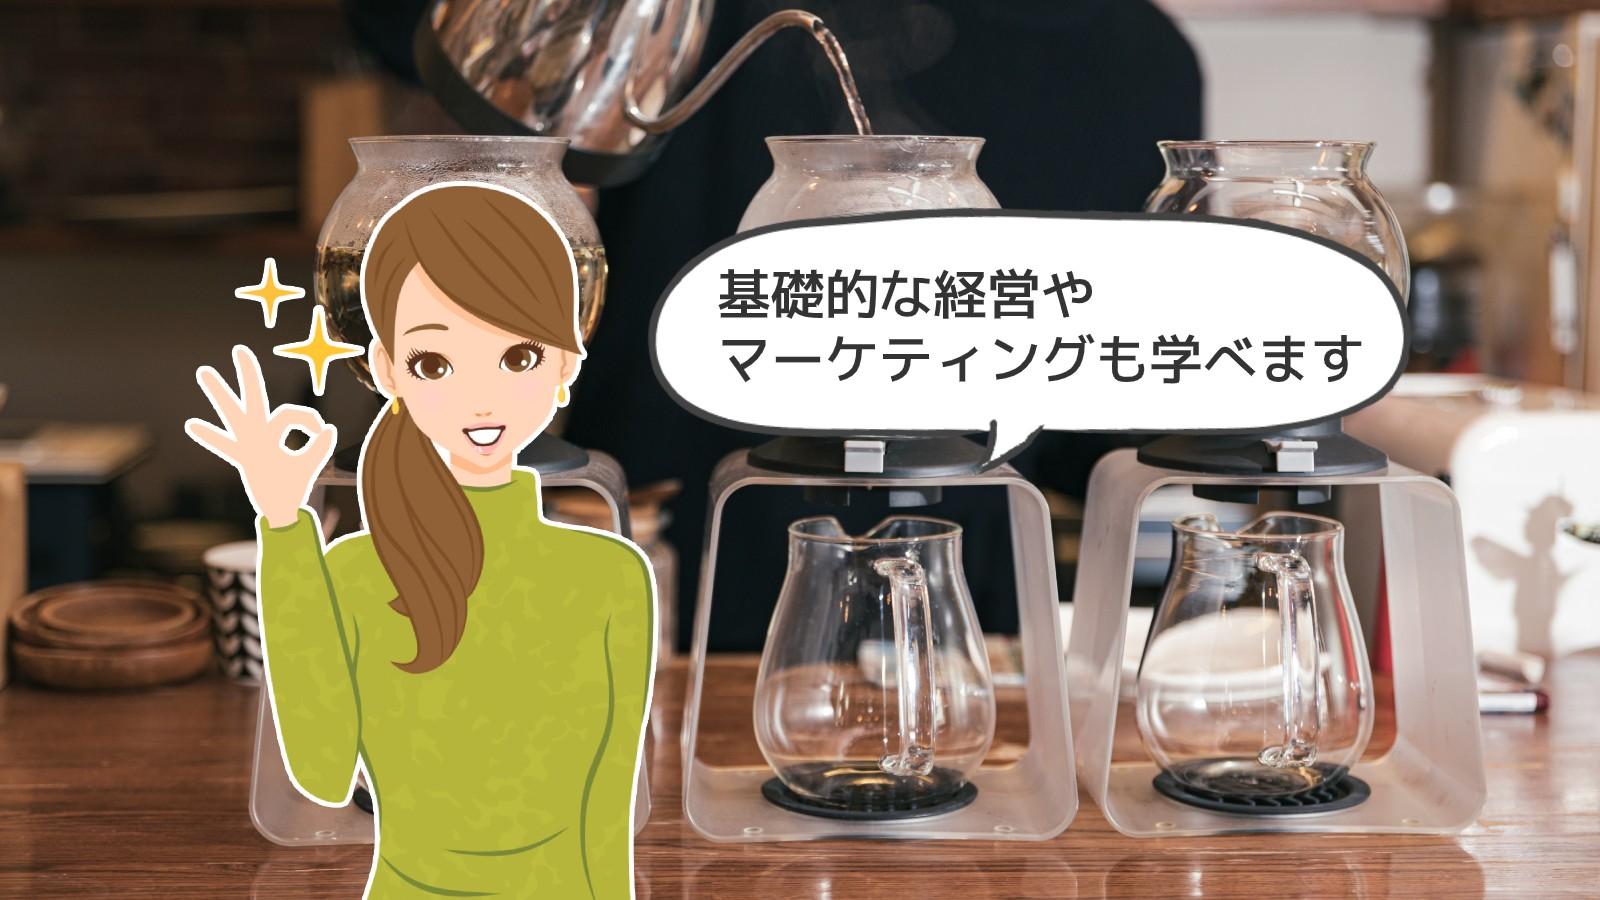 「カフェオーナー資格」のアイキャッチ画像